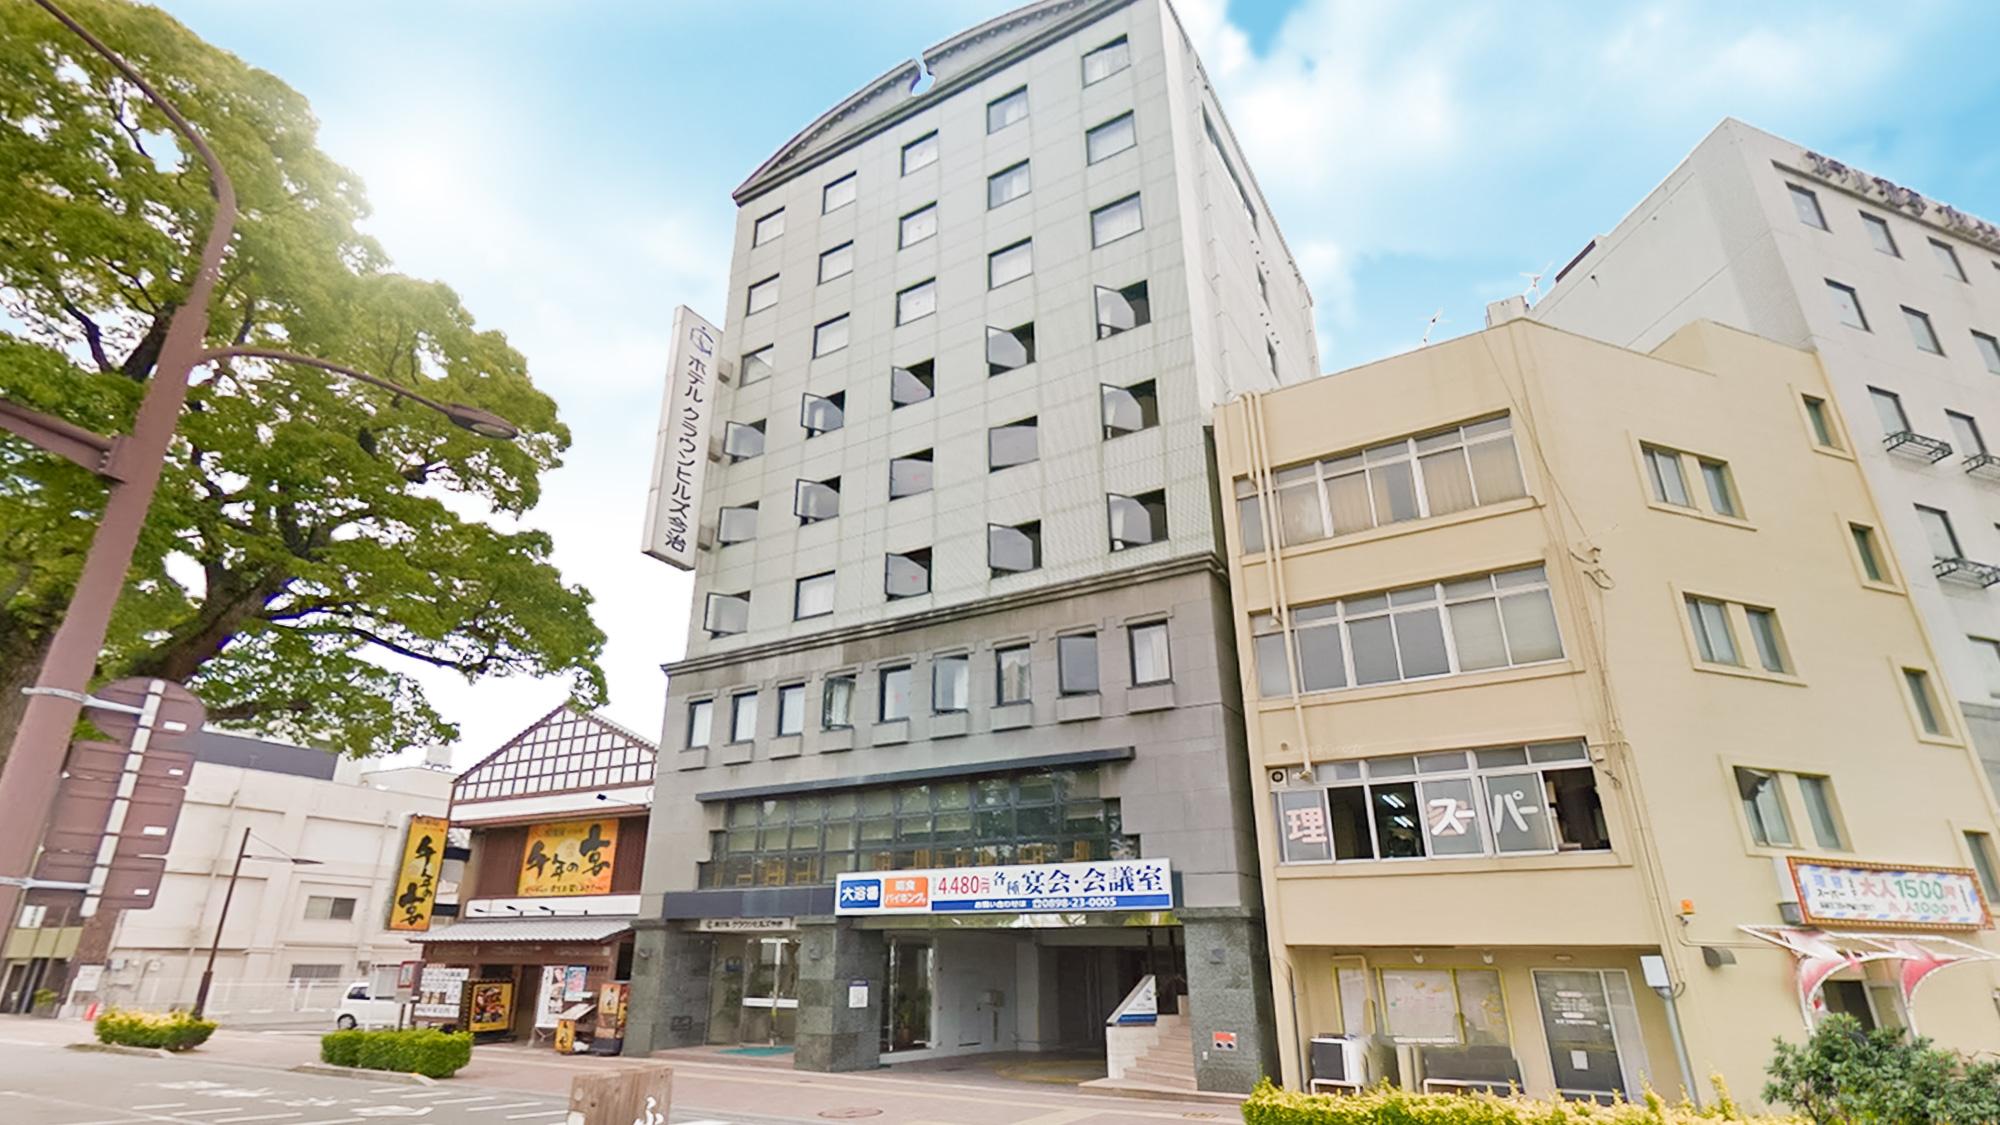 ホテルクラウンヒルズ今治駅前(BBHホテルグループ) image